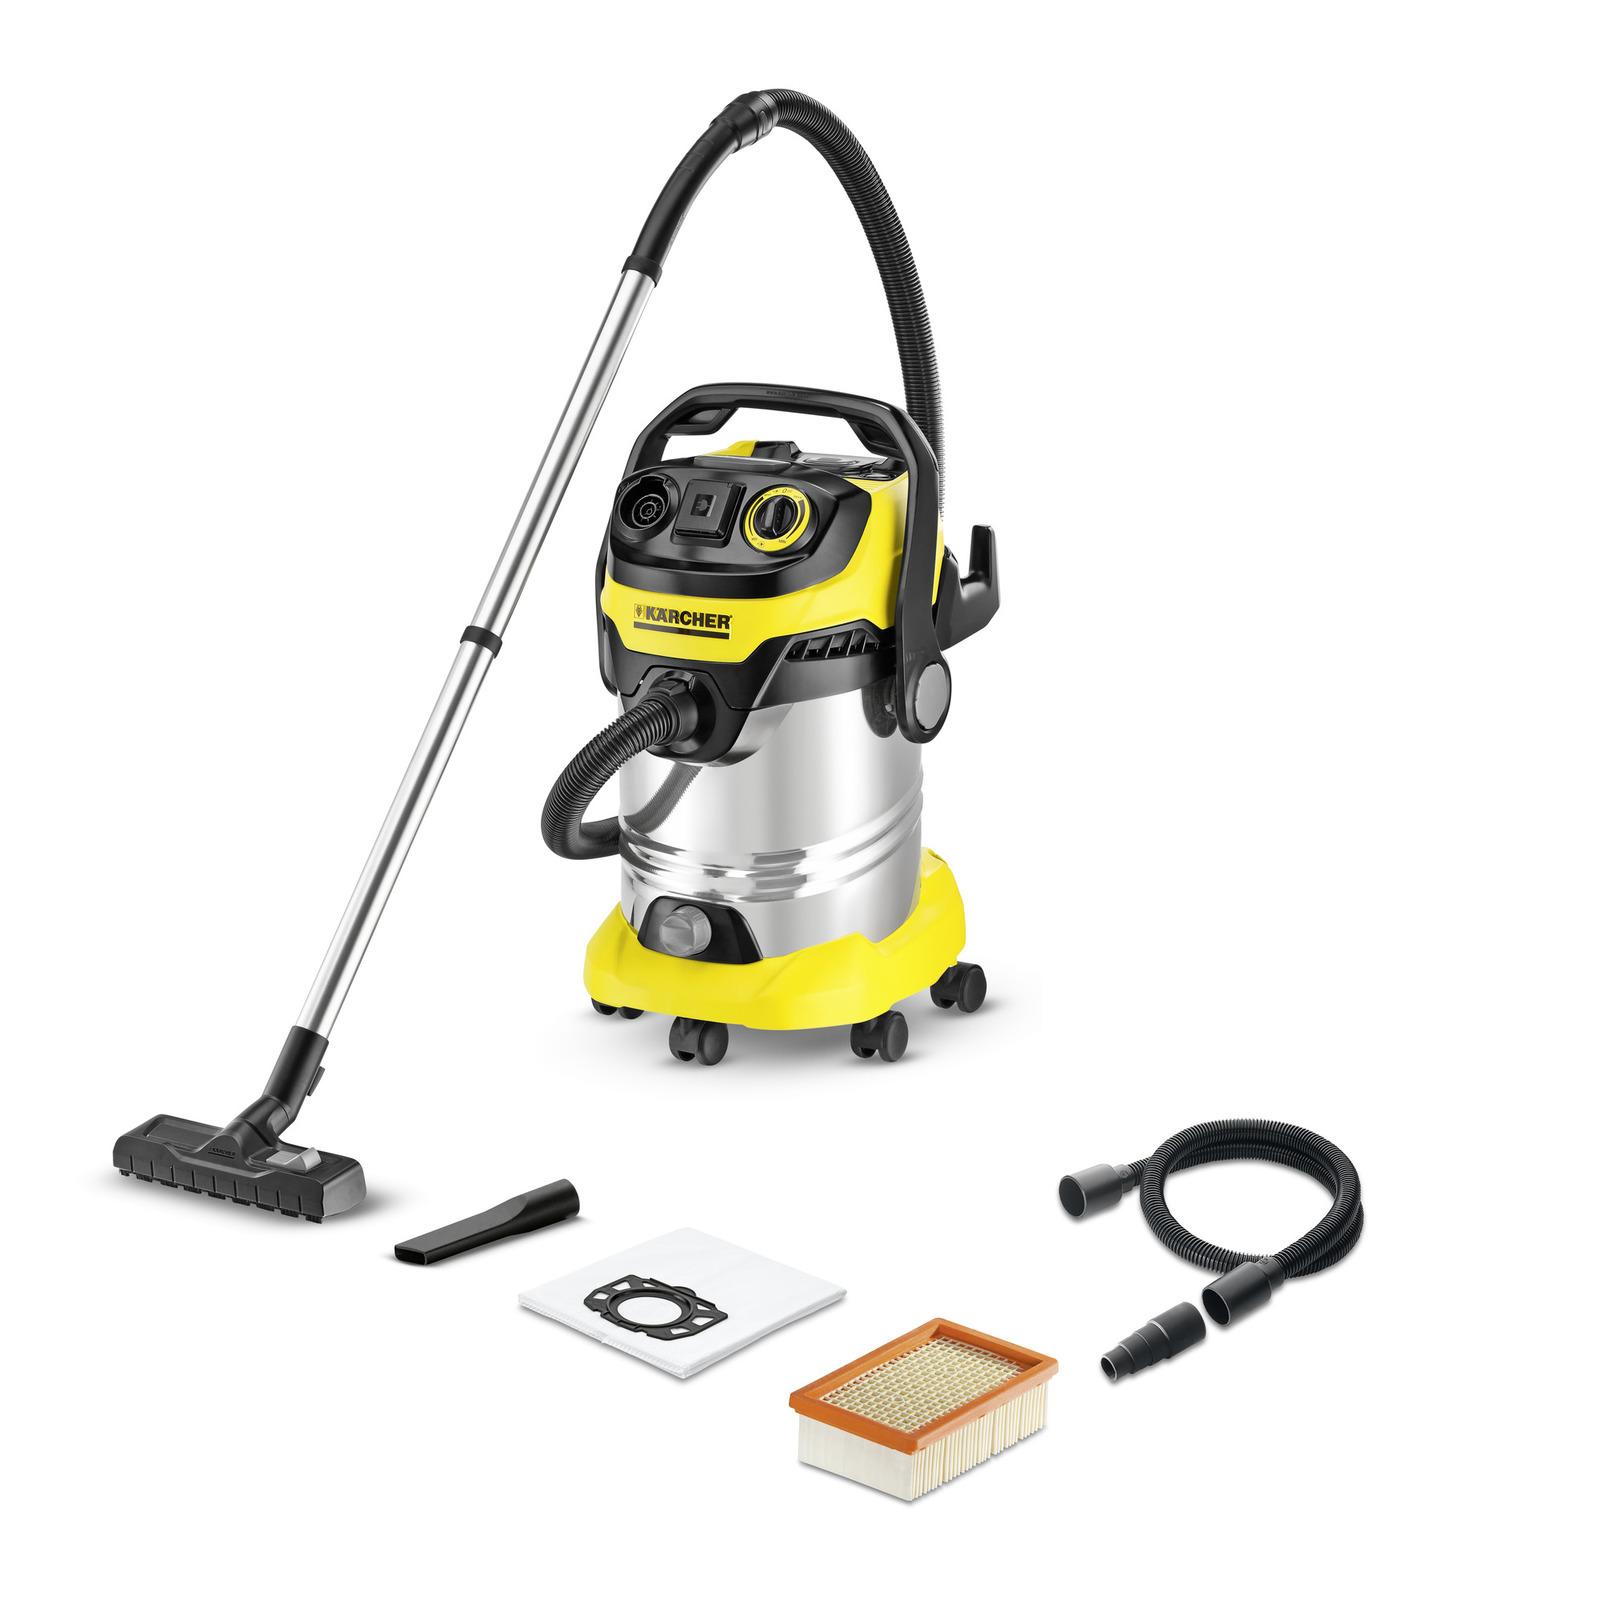 KARCHER 1.348-270.0 - WD6 P Premium Multi-Purpose Vacuum Cleaner